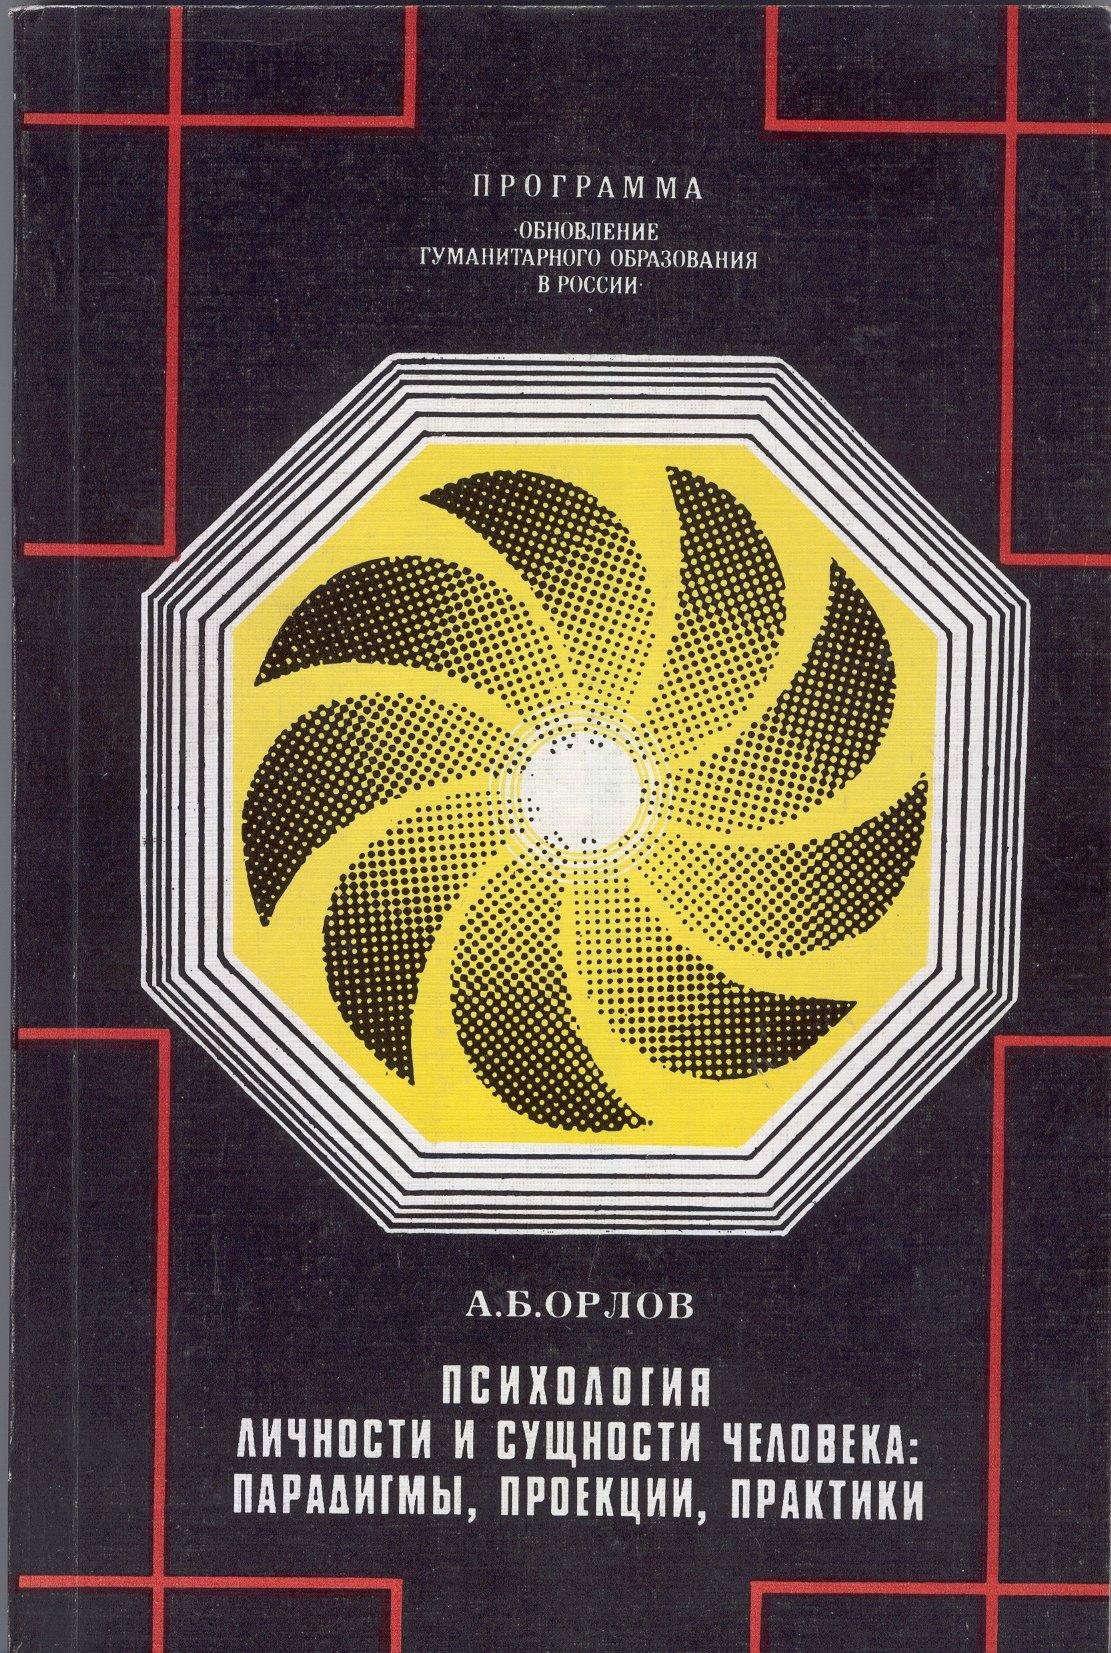 Психология личности и сущности человека: парадигмы, проекции, практики